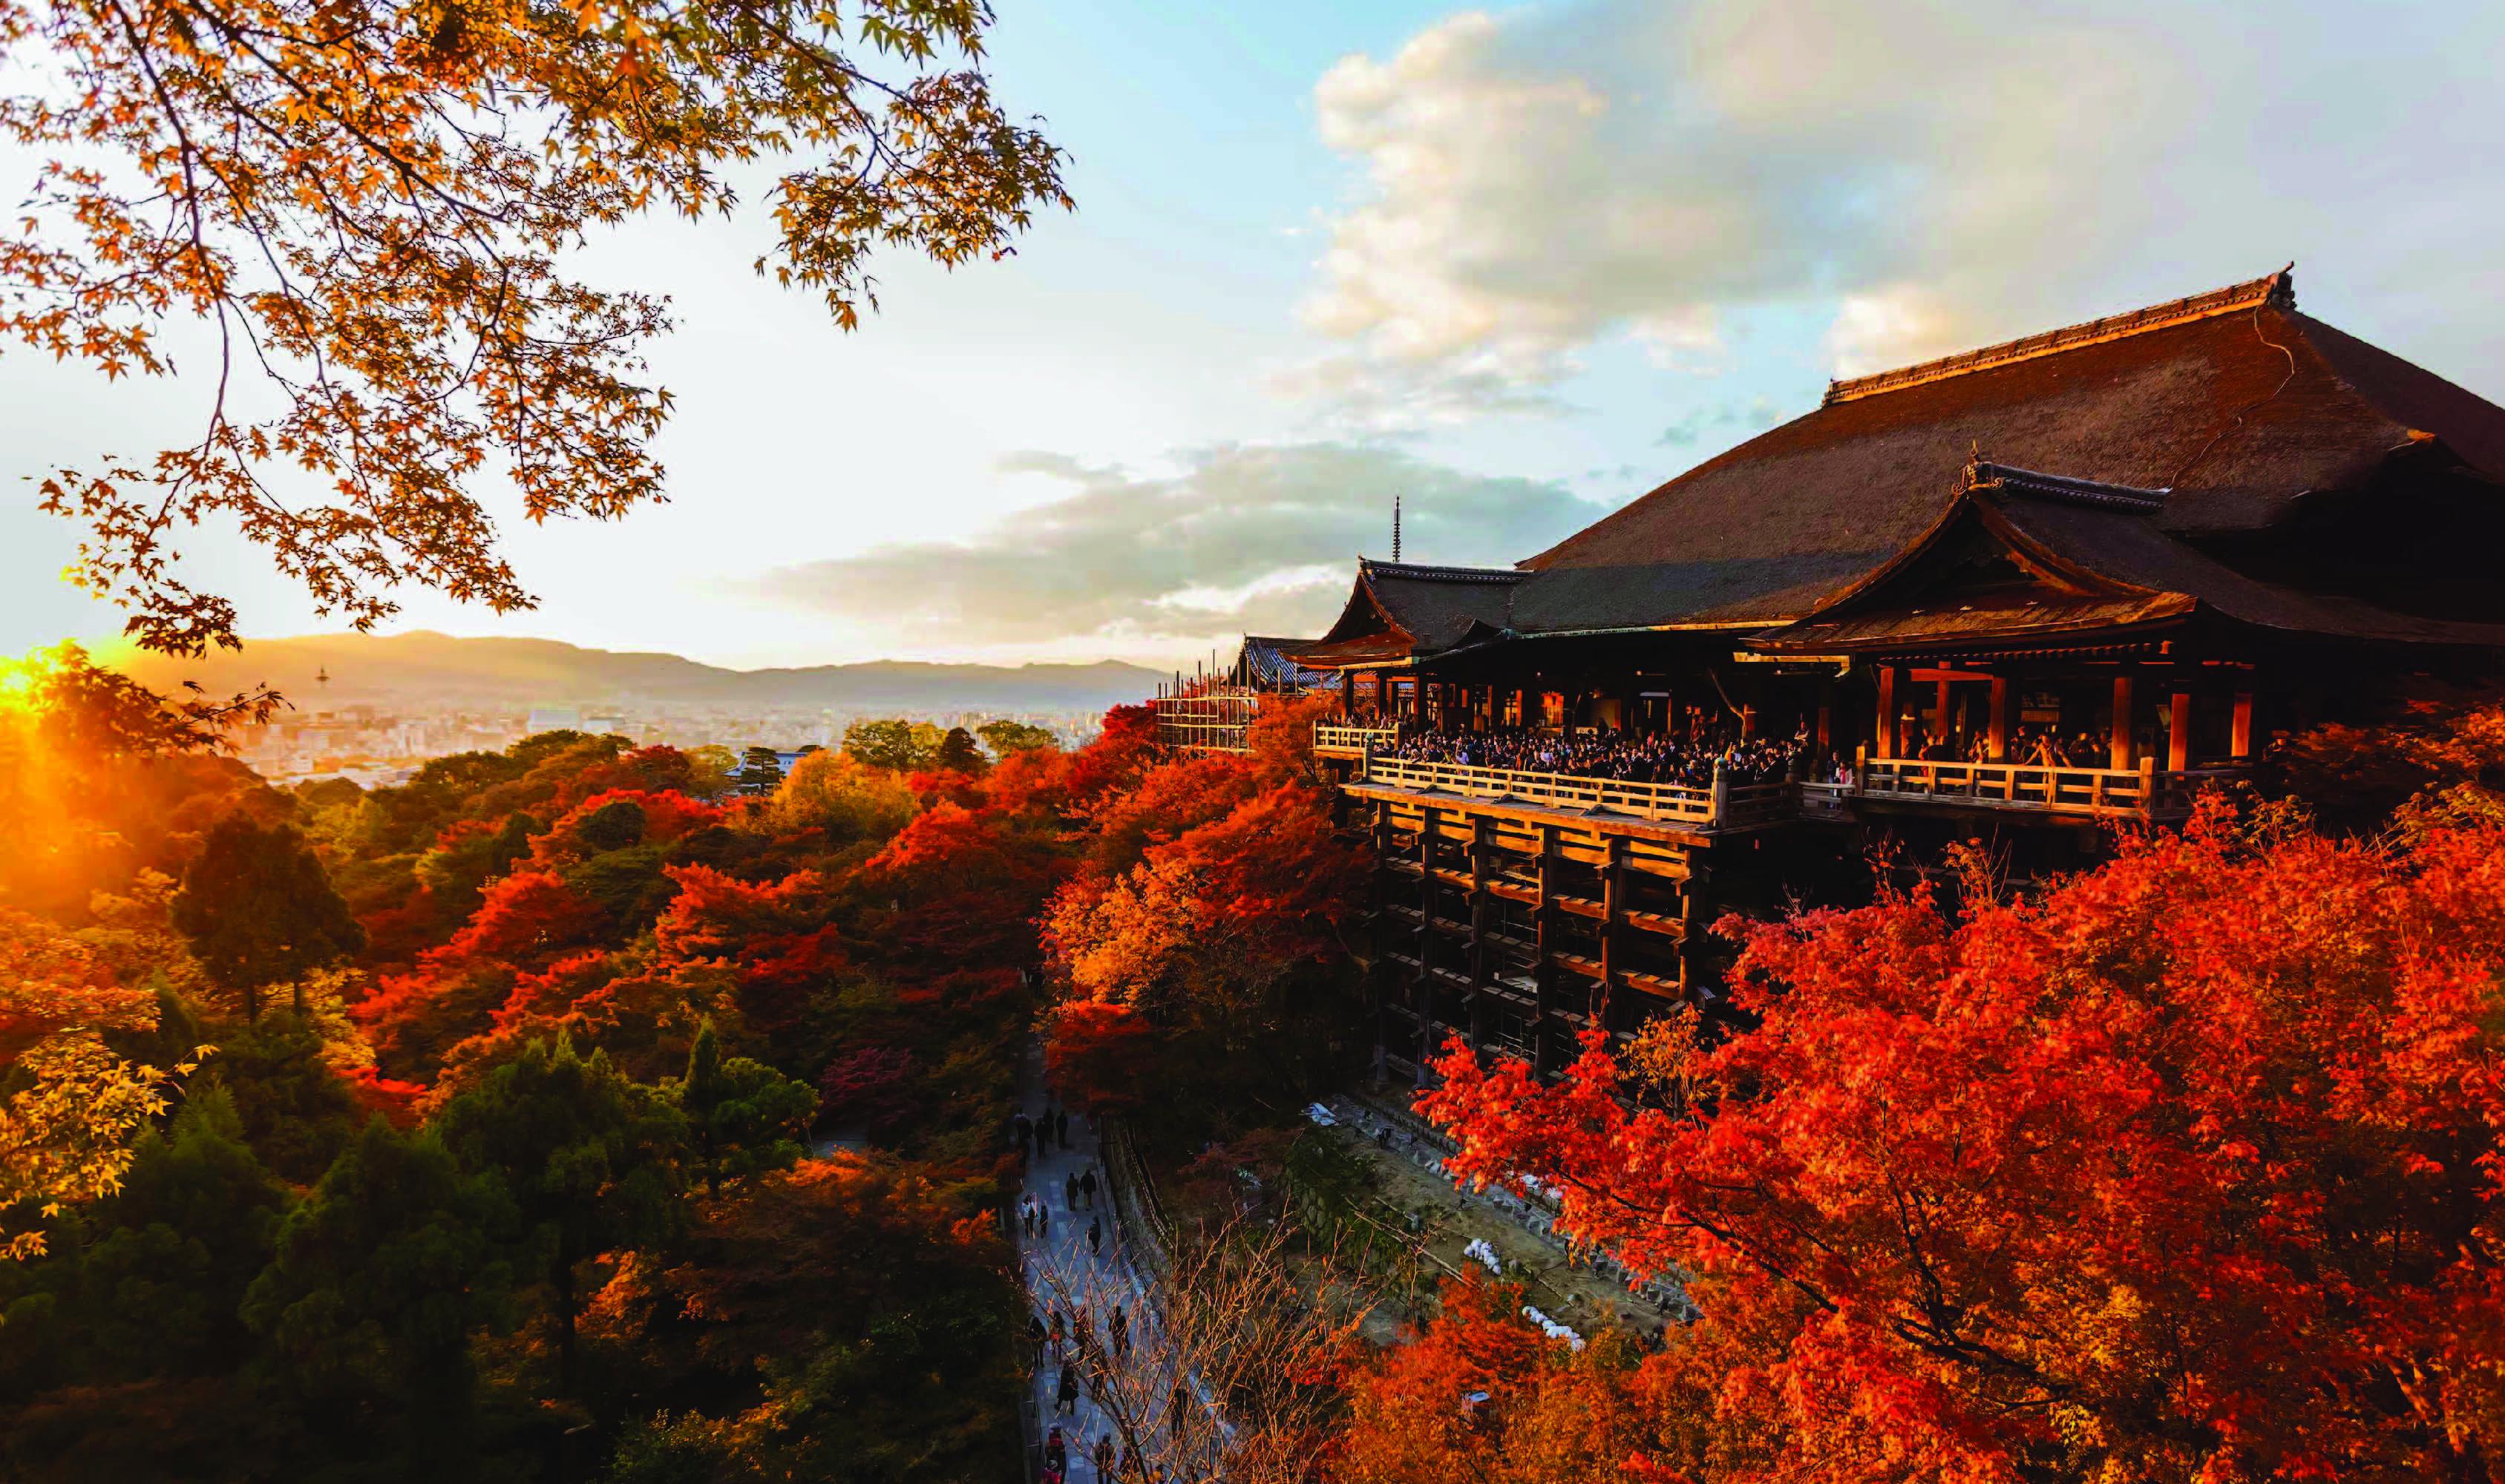 ทัวร์ญี่ปุ่น Amazing Sakura โอซาก้า นารา เกียวโต โกเบ 4วัน 3คืน  บิน TZ